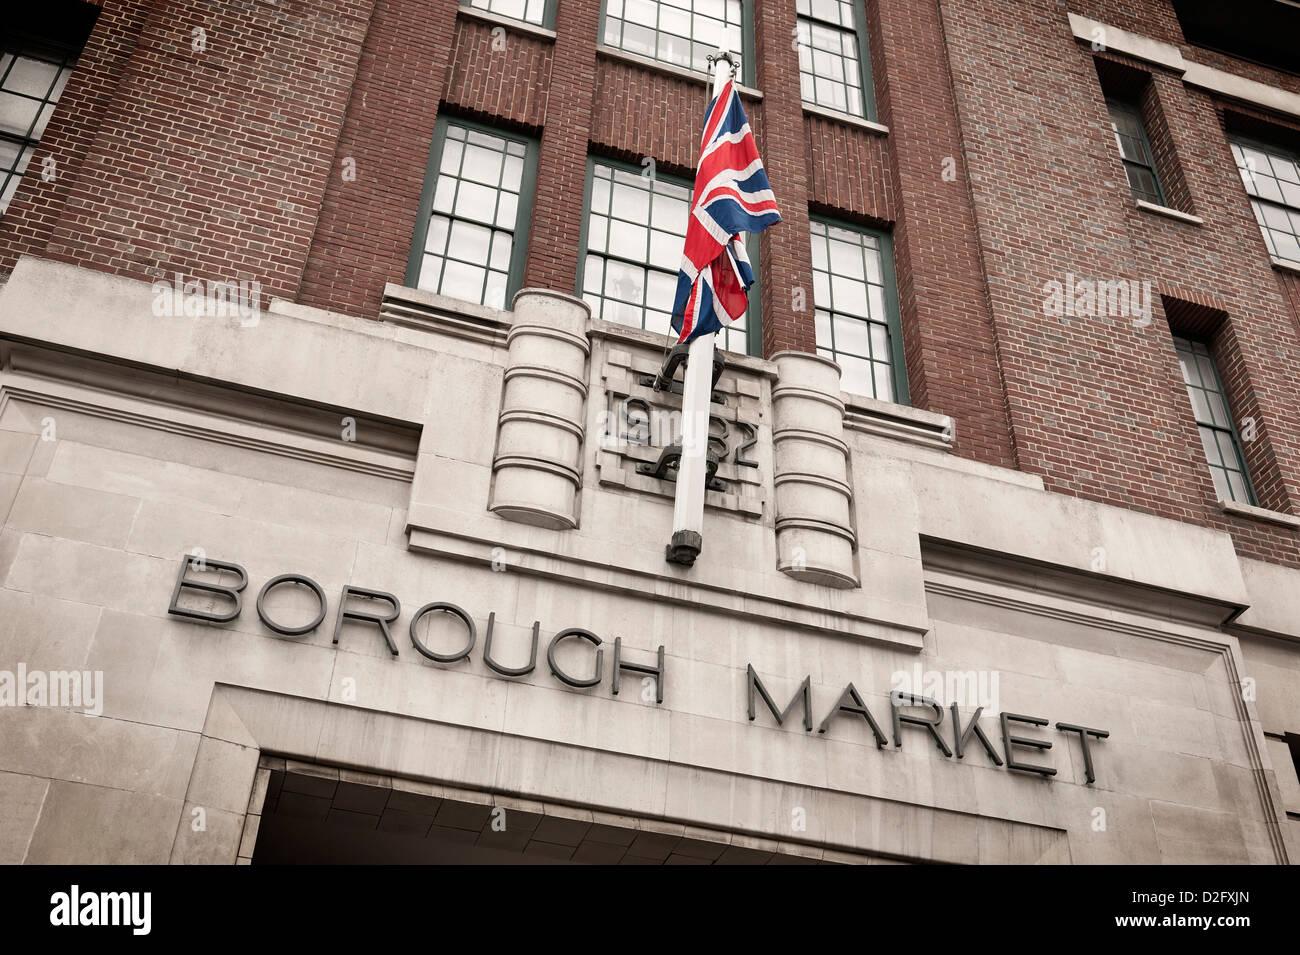 Entrance to Borough Market in London with Union Jack flag flying, England UK - Stock Image